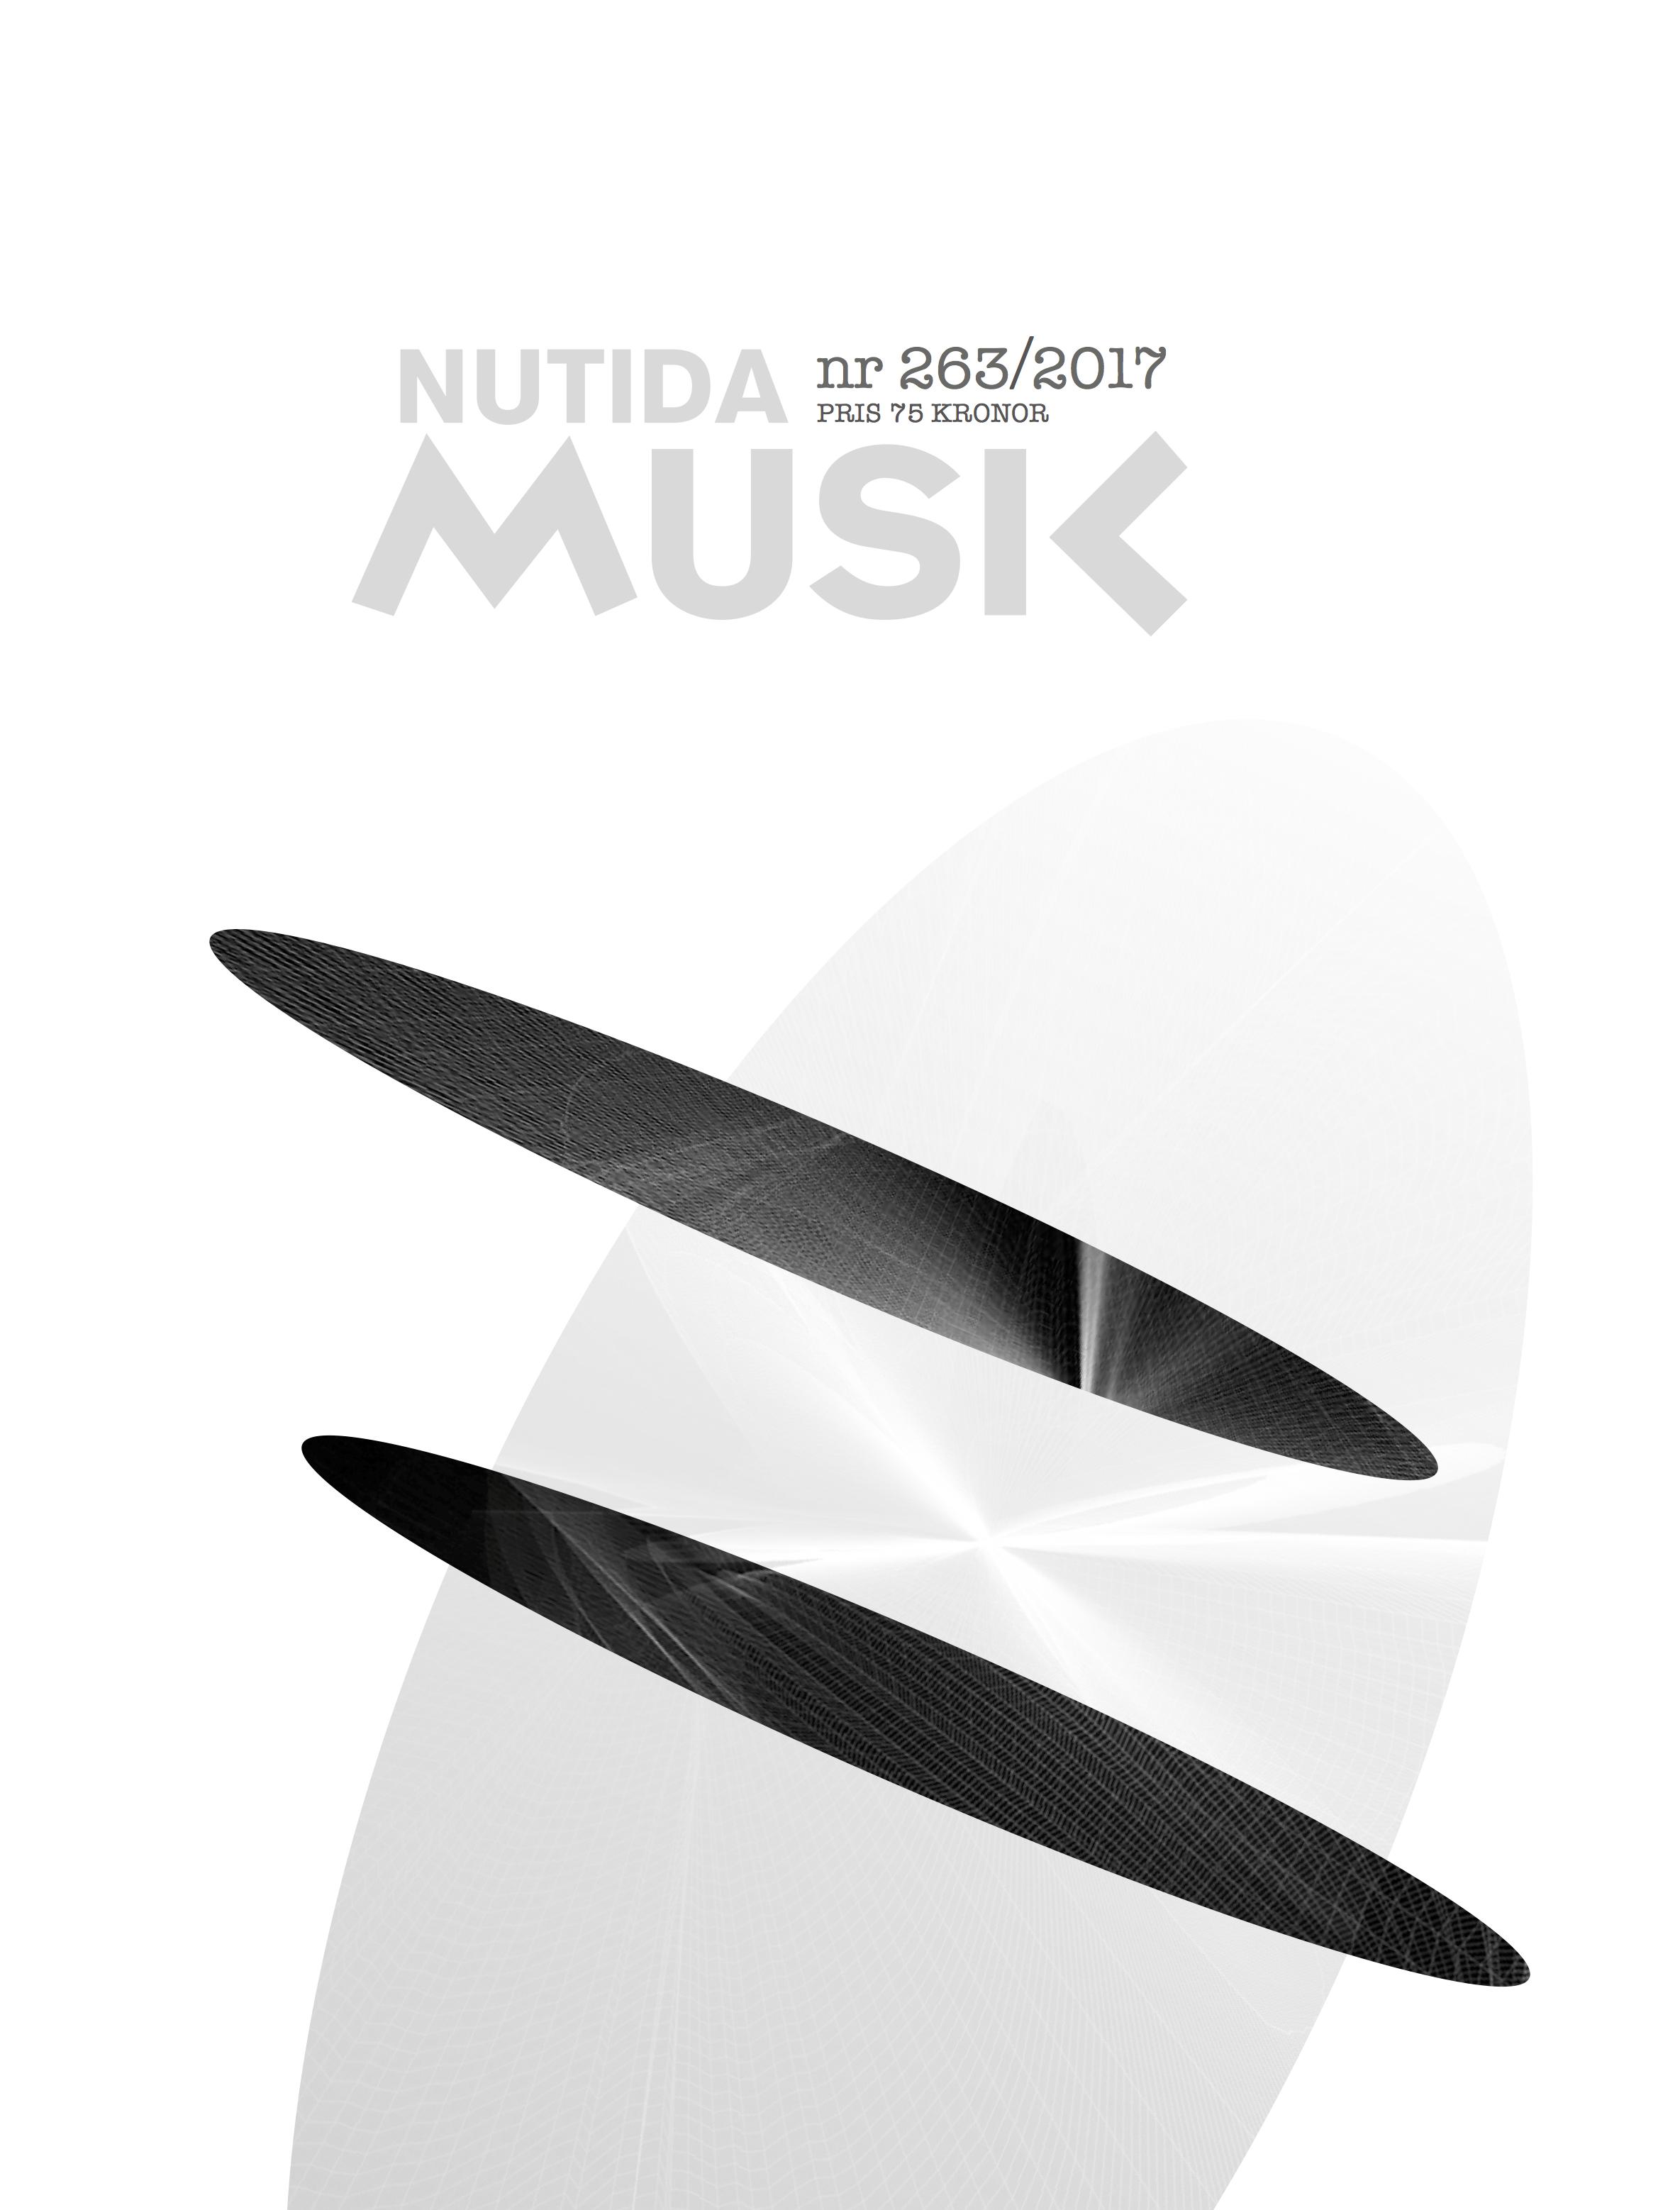 Februari 2017: Nutida Musik nr 263